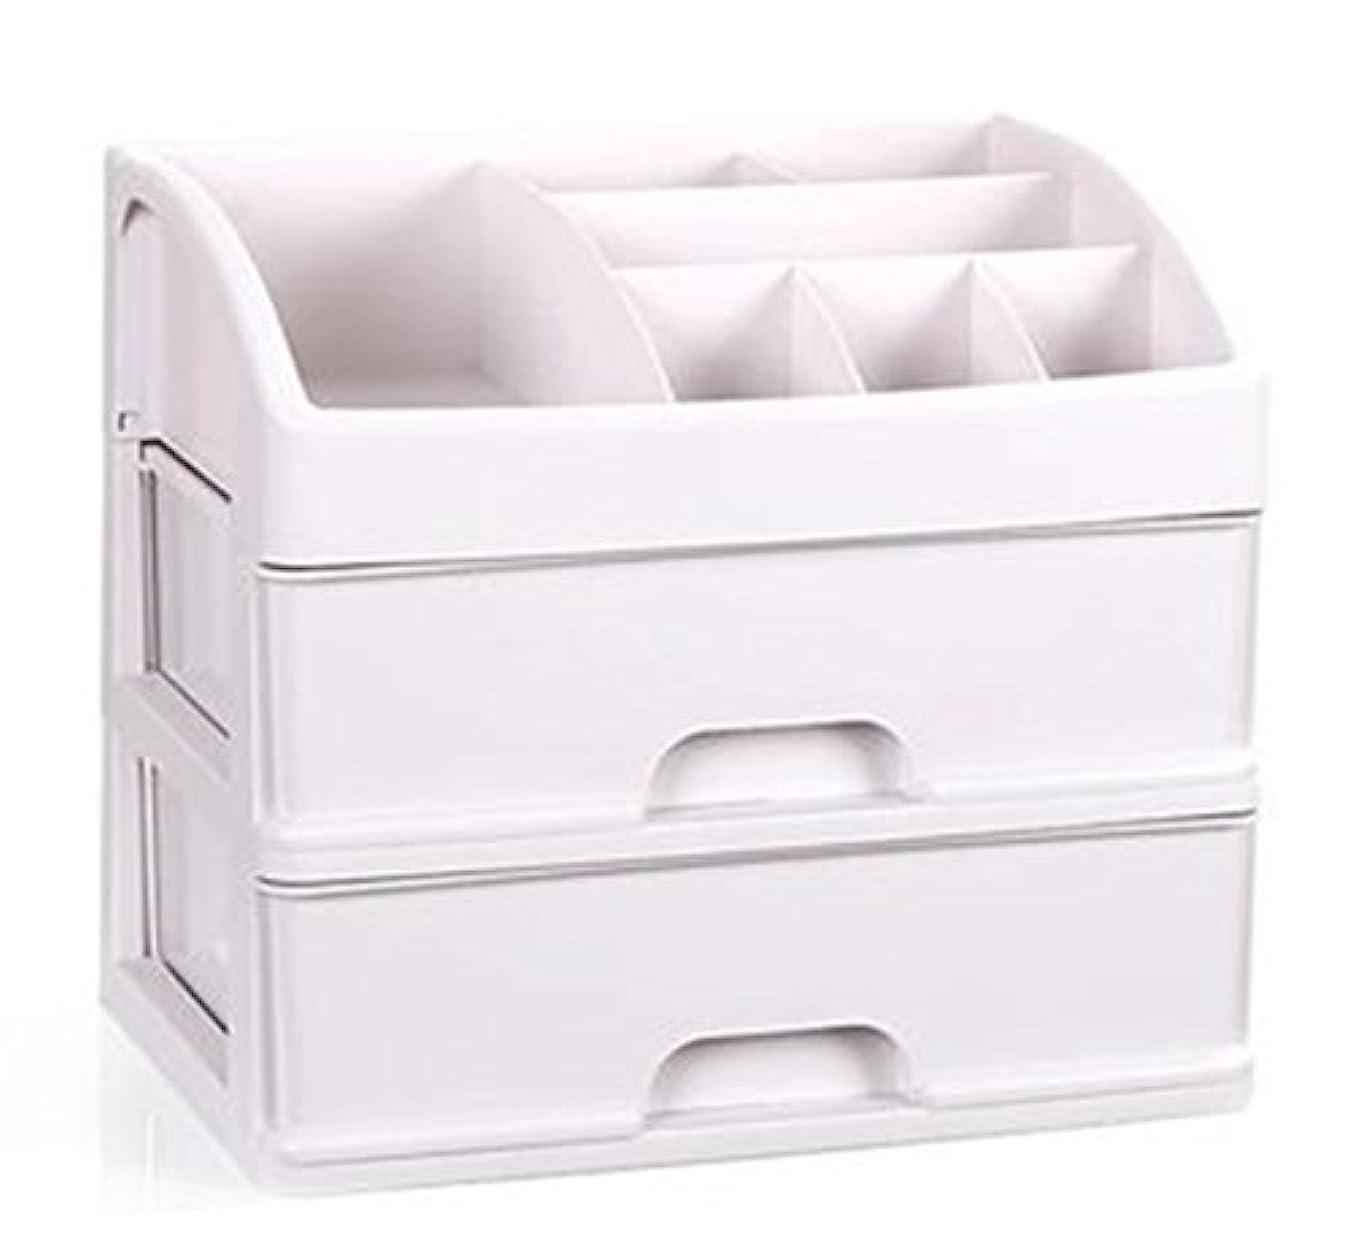 バスケットボール連合毎日ZUOMAメークボックス 化粧品収納ボックス コスメスタンド 引き出し式 メークケース 小物/化粧品入れ コスメ収納 透明アクリル 大容量 (ホワイト34*25*29CM(2層))